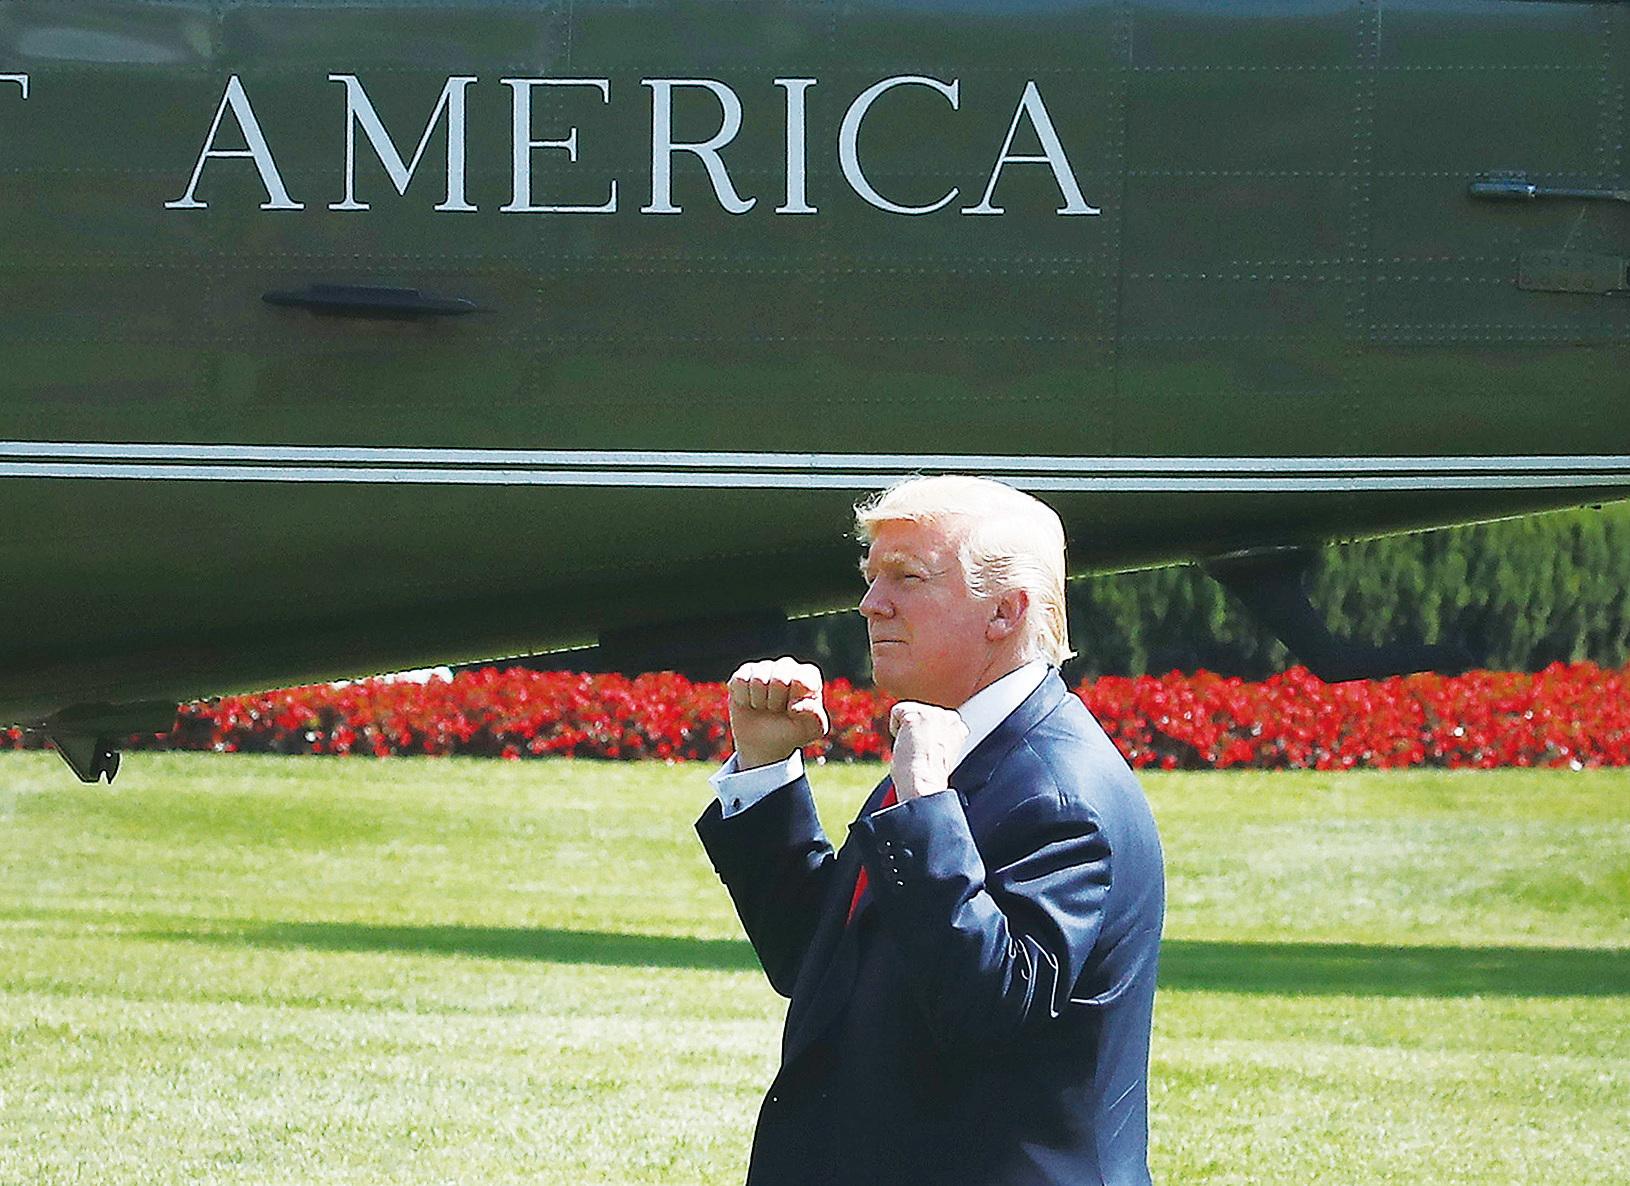 白宮一位資深貿易官員表示,總統下一步將是懲罰中共的非法知識產權盜竊,用301條款箝制中共的2025年工業計劃。(Getty Images)